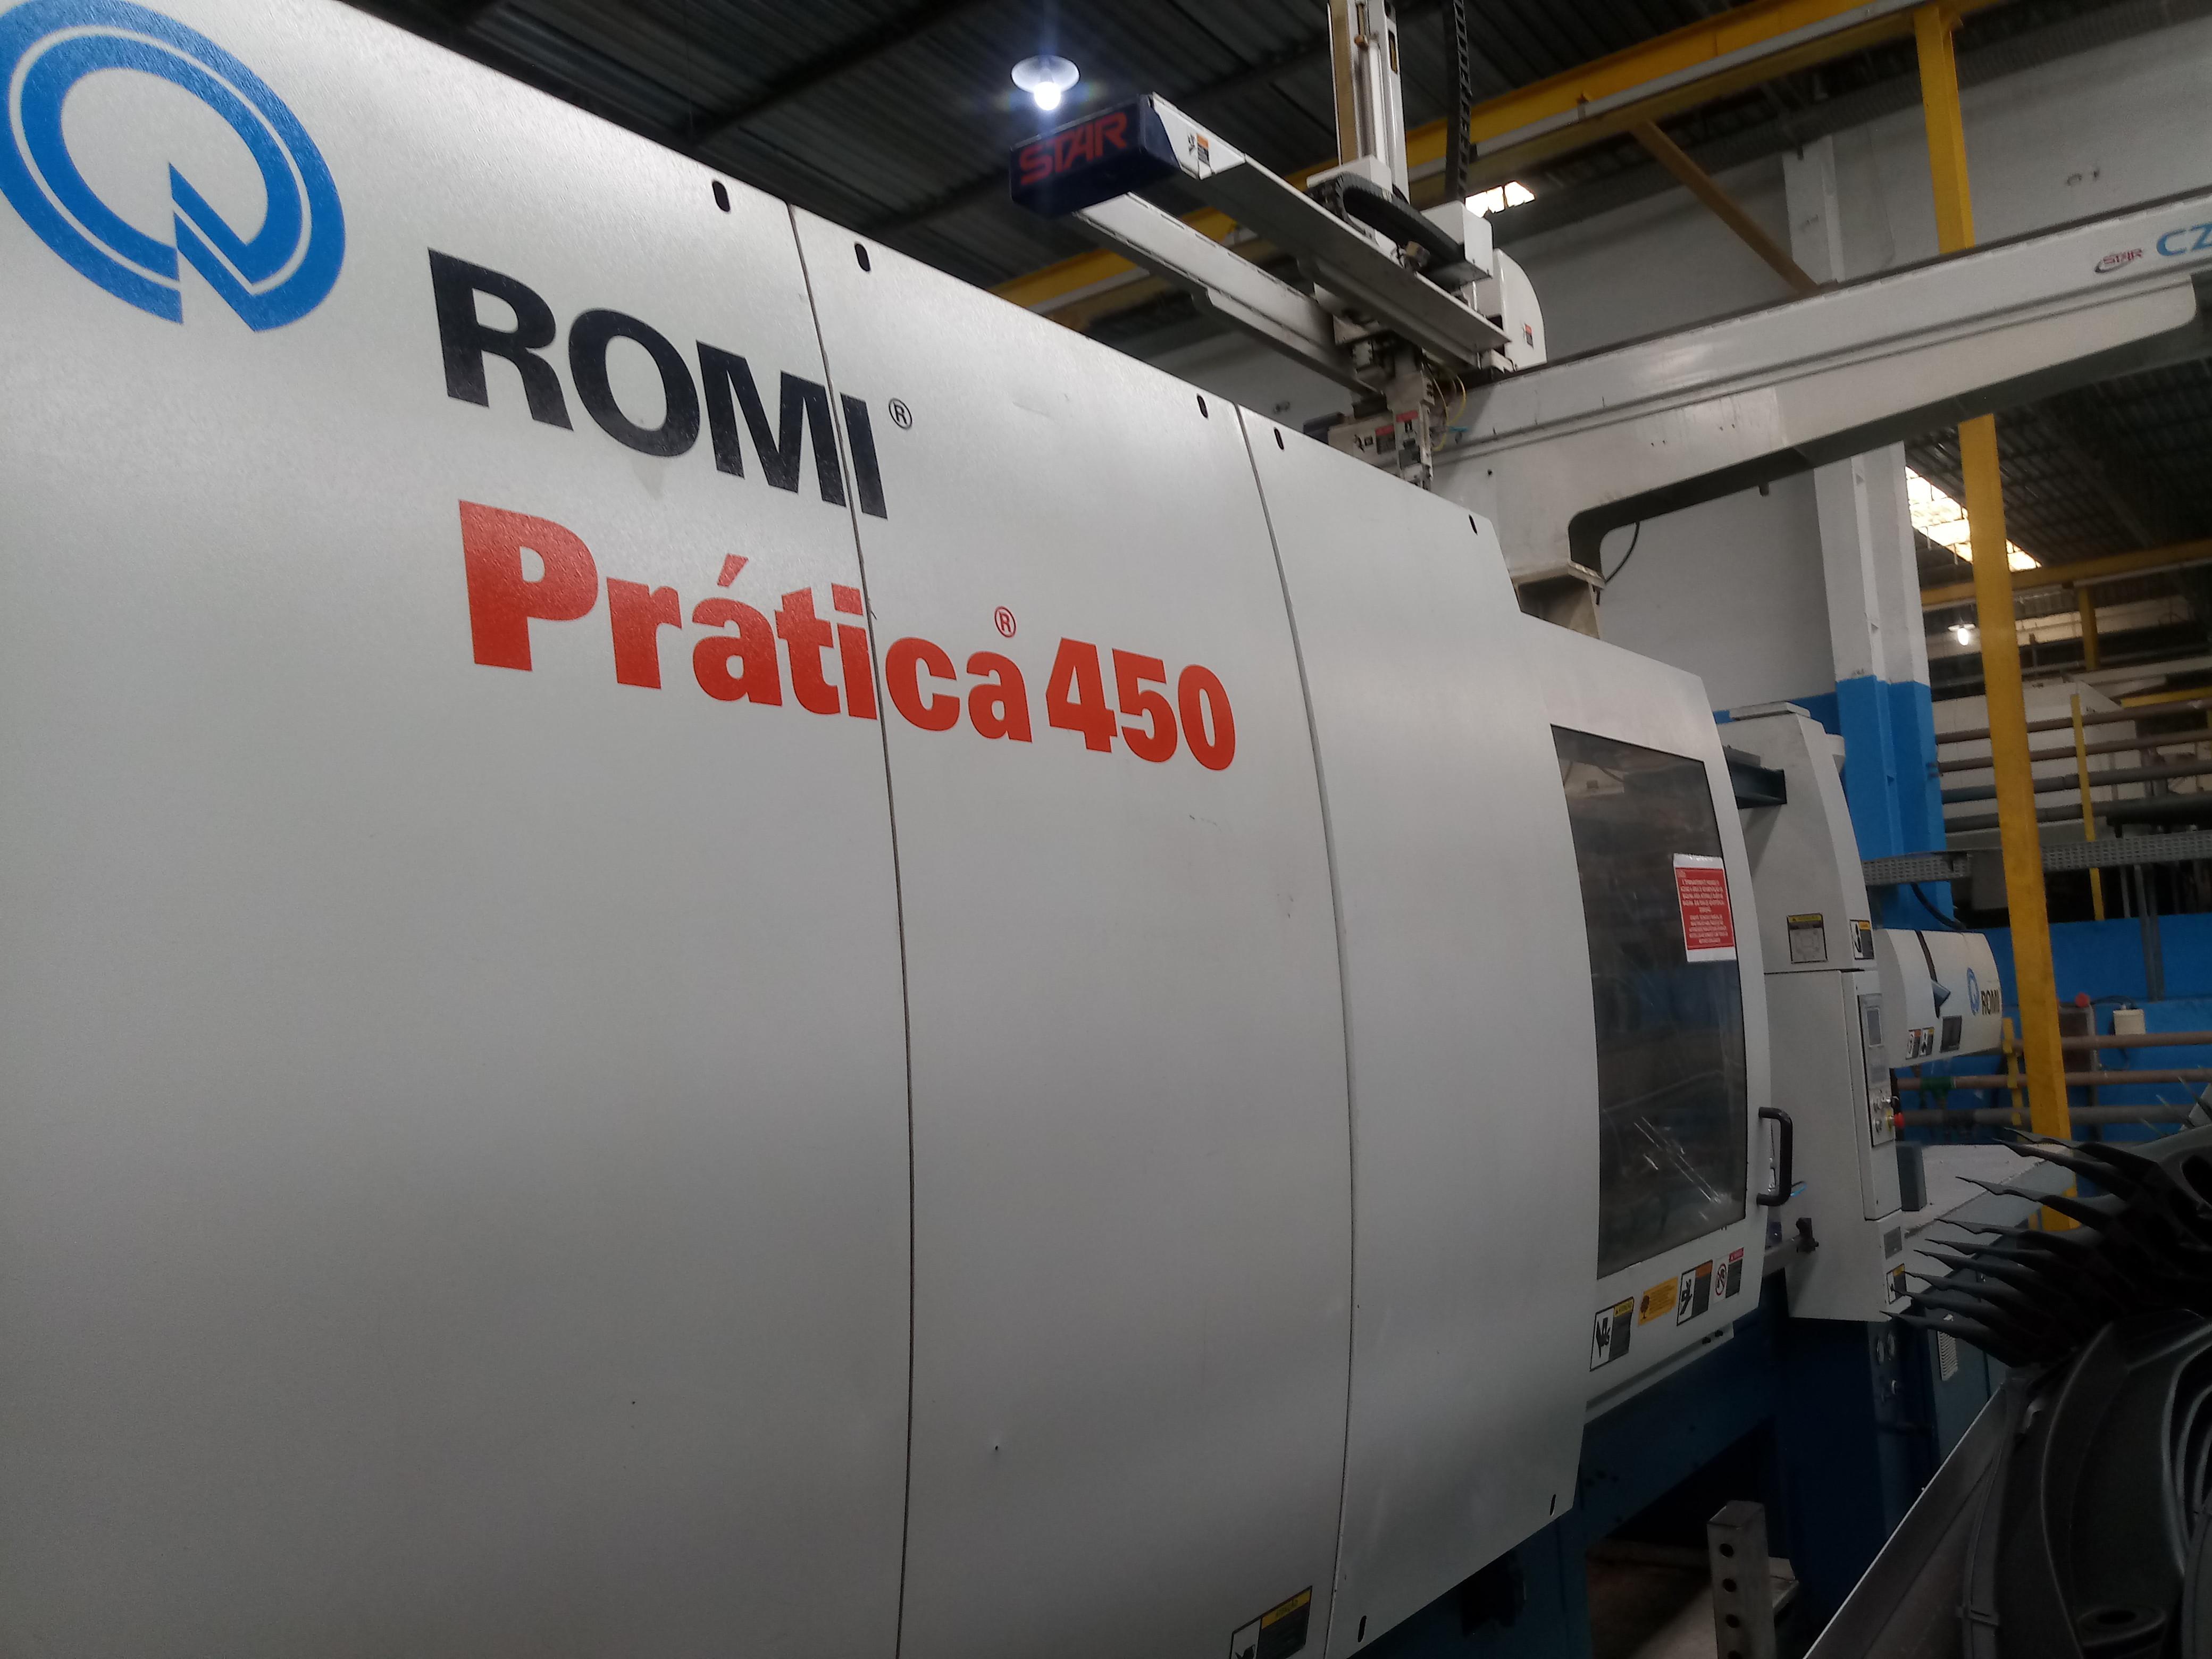 Romi 450 c/ robô